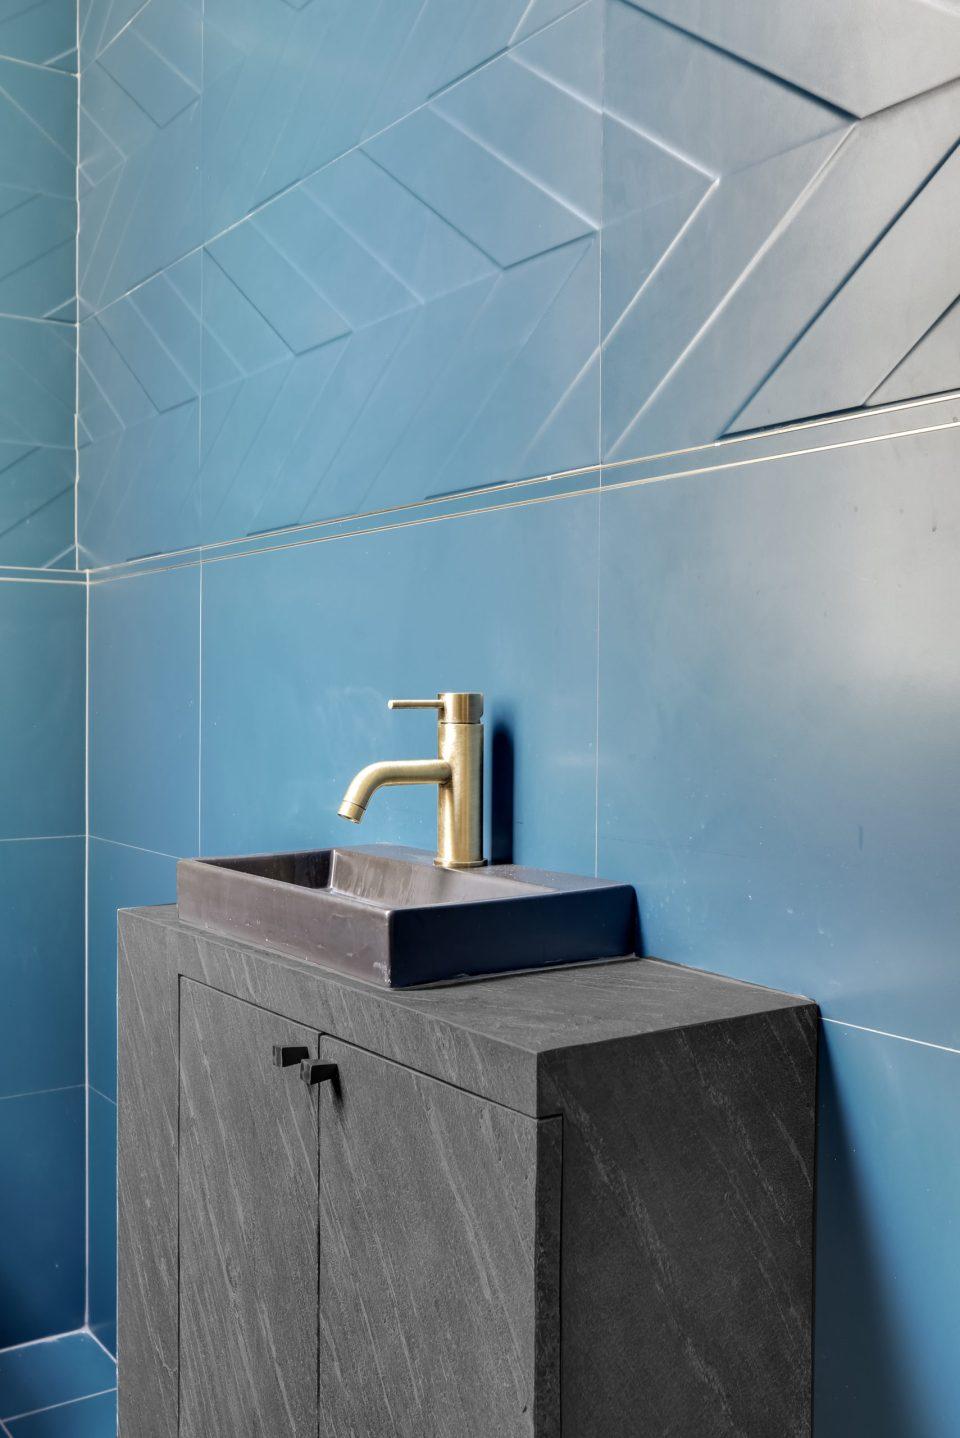 Feuille de pierre 100% naturelle StoneLeaf modèle New York sur un meuble de salle de bain